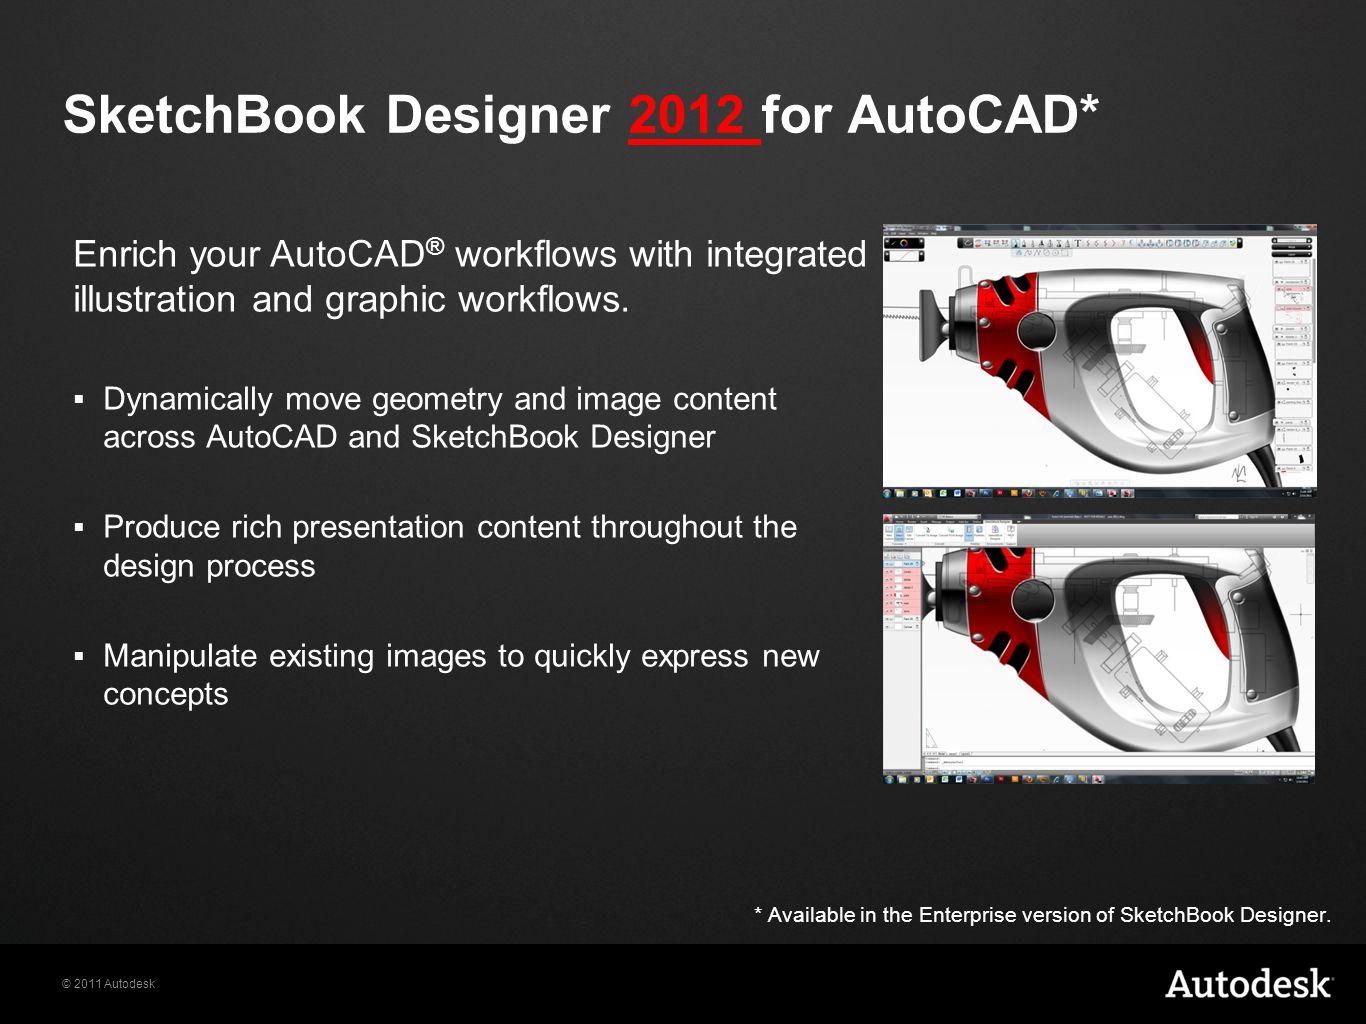 SketchBook Designer 2012 for AutoCAD*